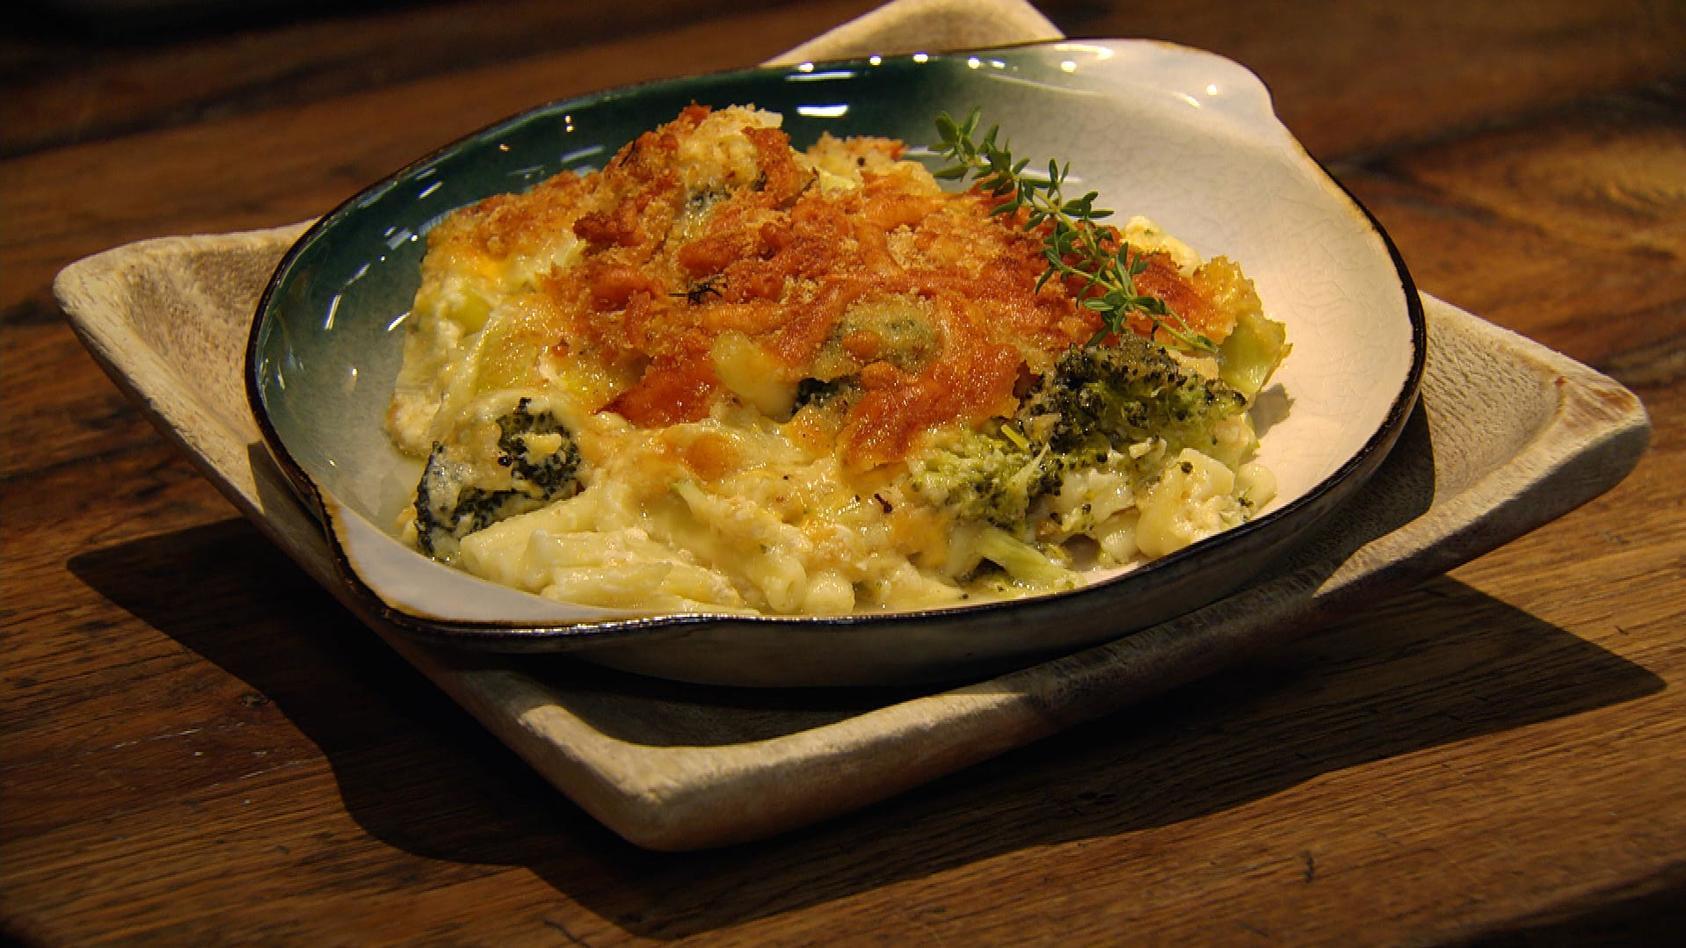 Wir lieben Nudeln: Makkaroni-Käse-Auflauf mit Gemüse